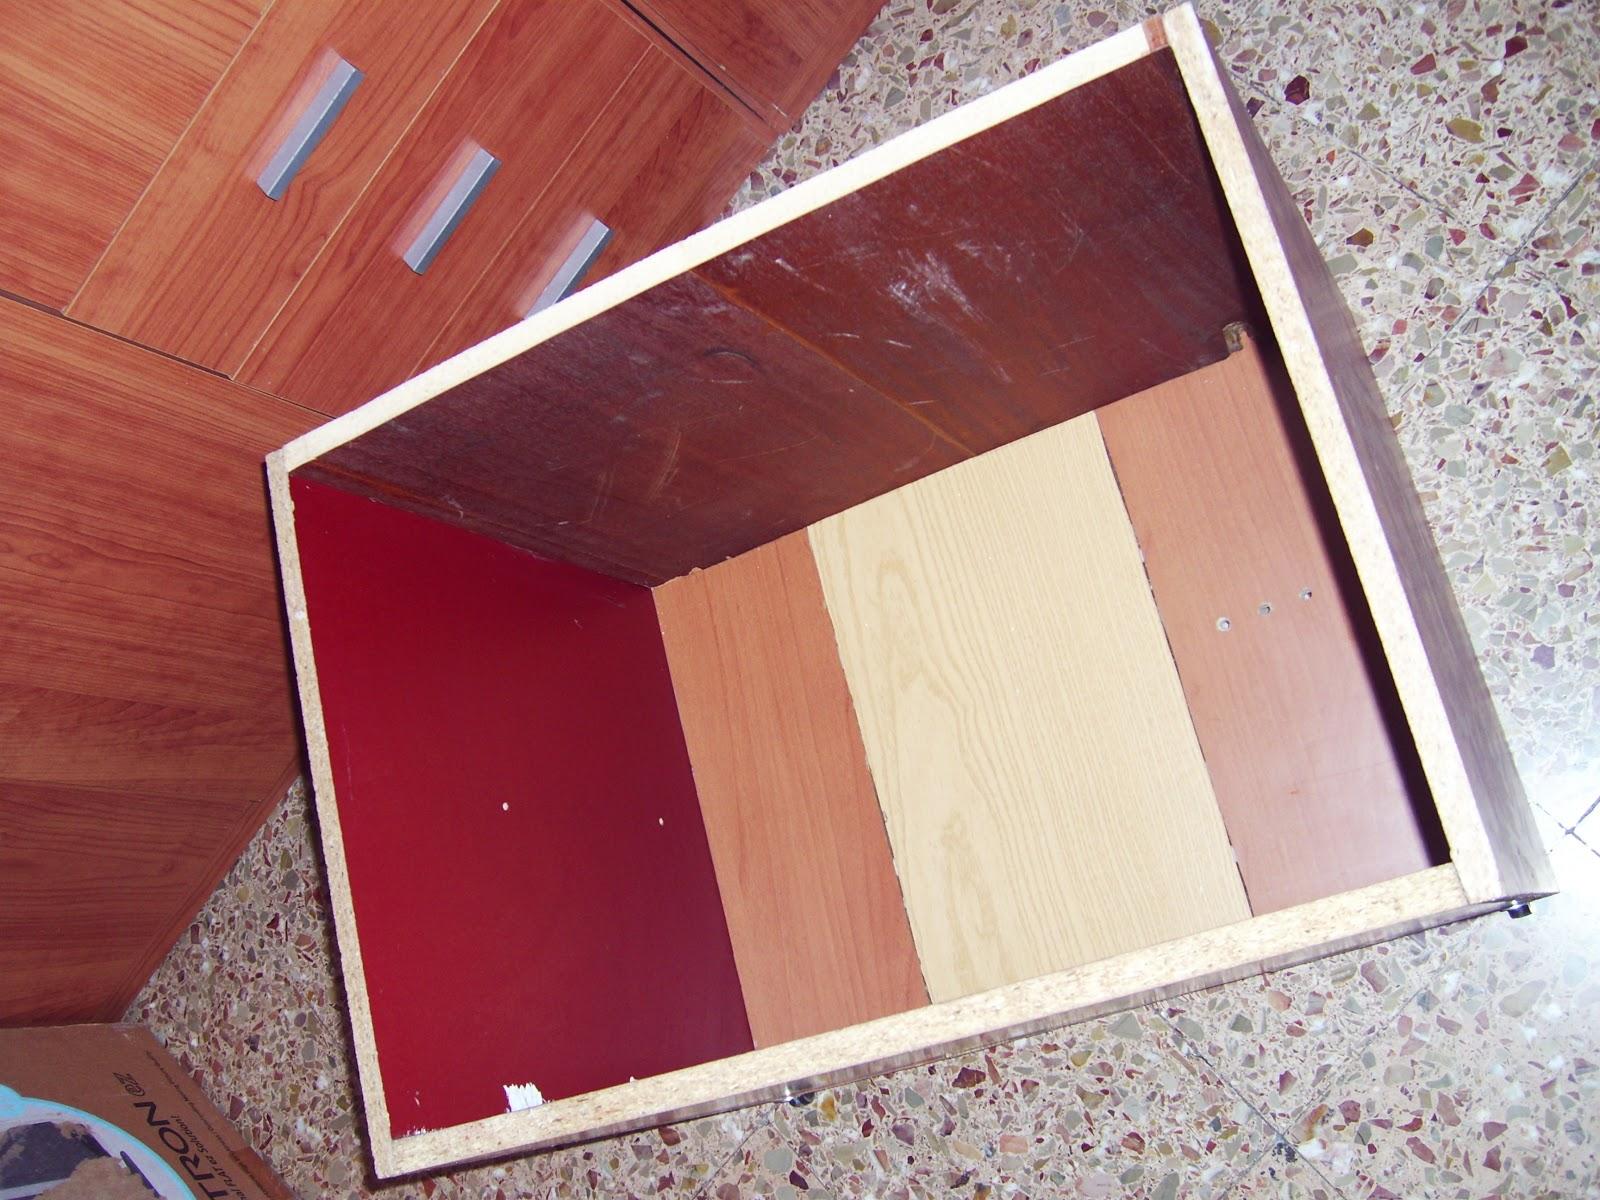 Ecobrisa diy reciclaje de madera - Reciclaje de maderas usadas ...